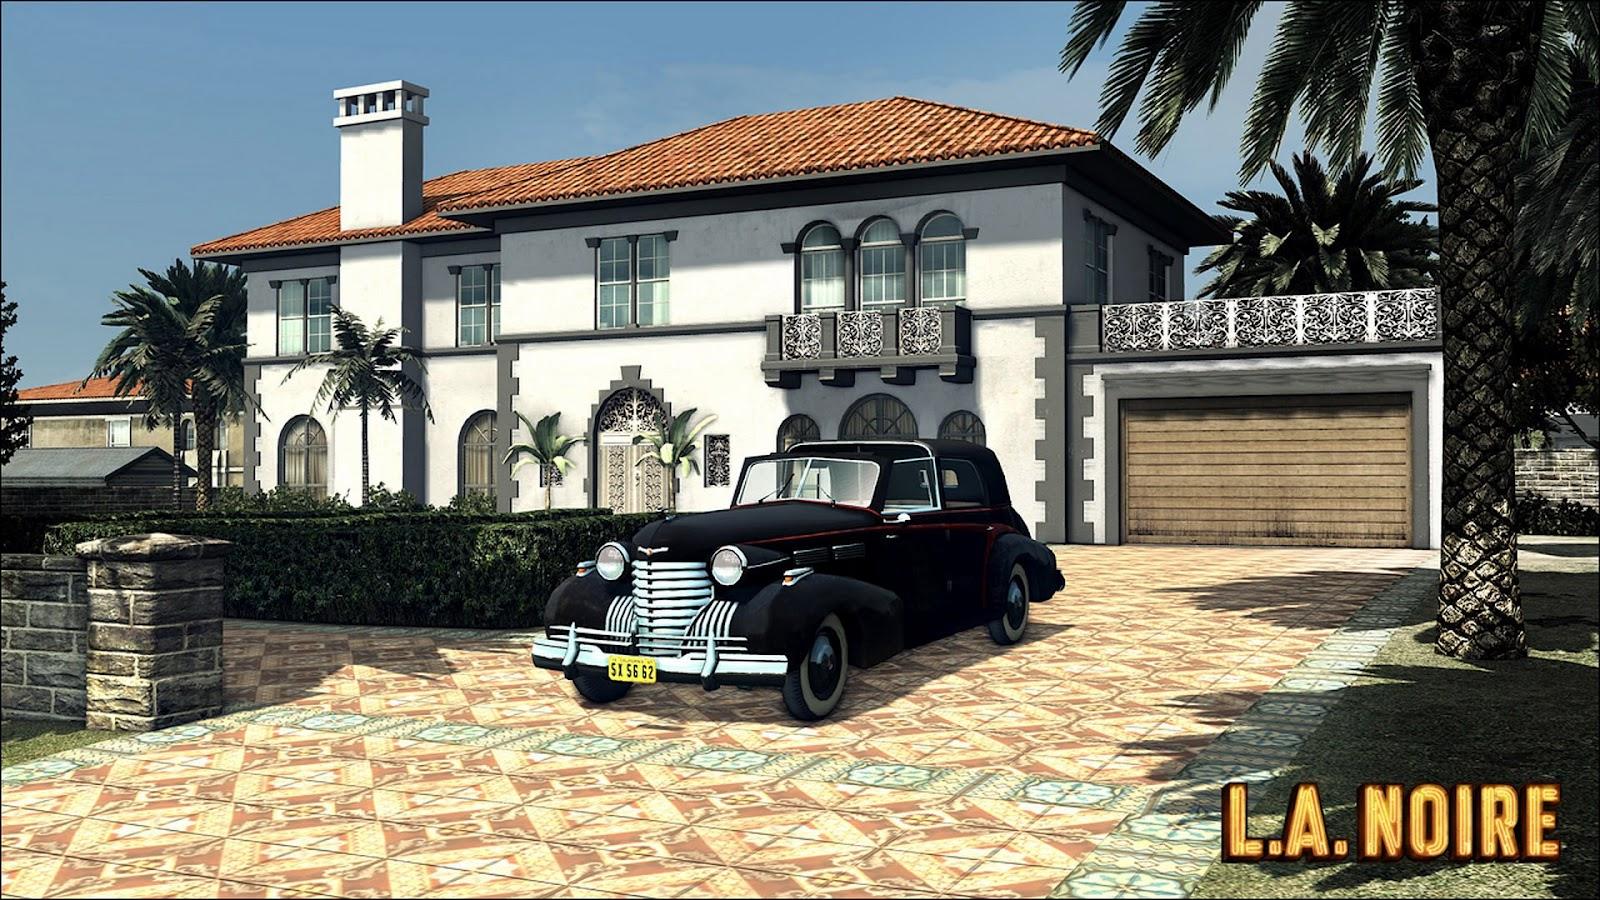 http://2.bp.blogspot.com/-IE4hDAOqyLQ/UBc8JJXxvLI/AAAAAAAAIEQ/gLCTyz4Q_18/s1600/Beautiful-Home-L-A-Noire-1920x1080.jpg